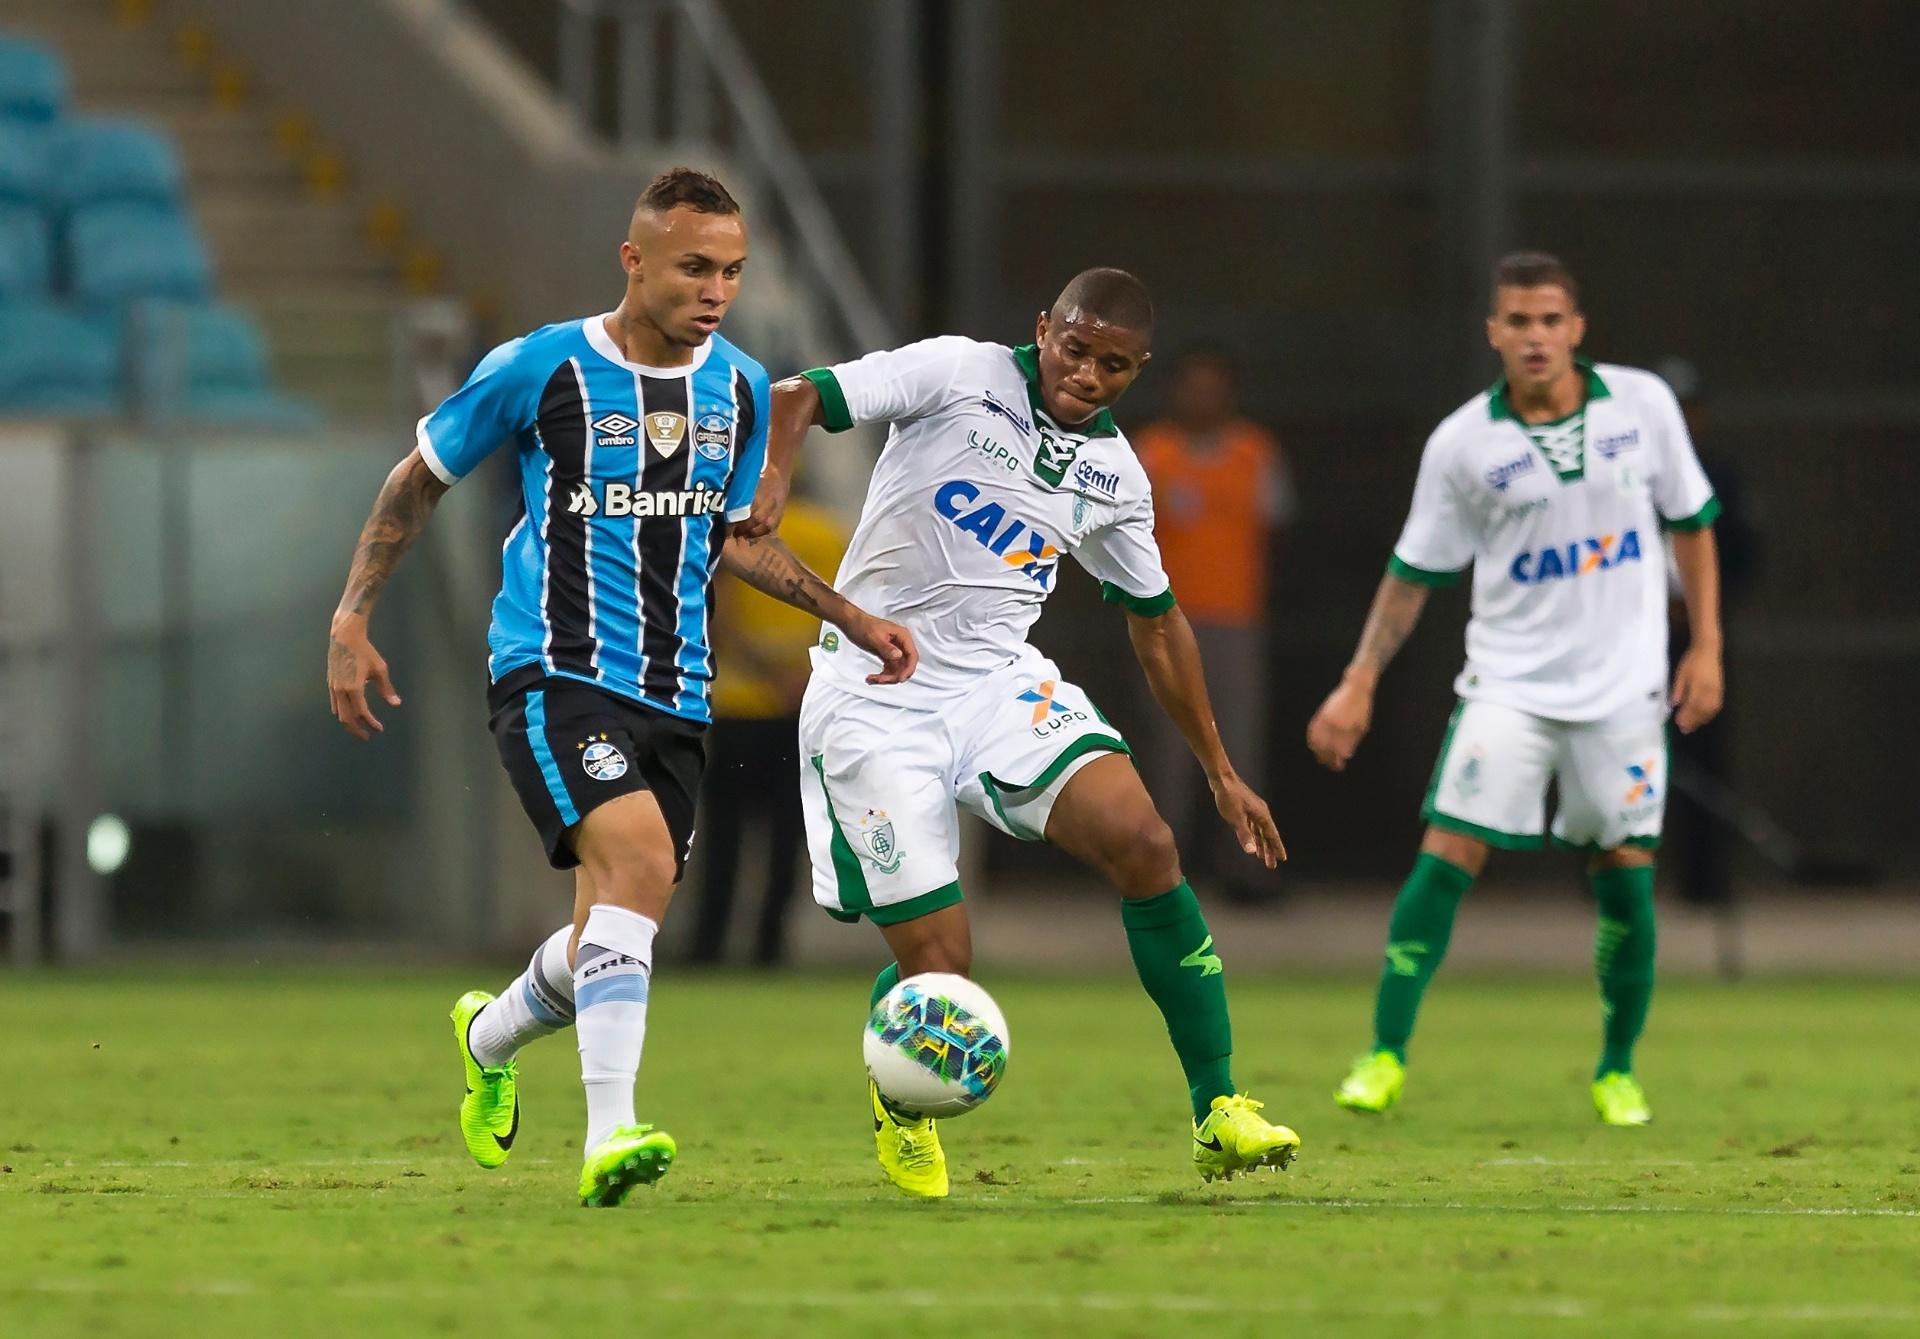 Everton comemora gol em  boa chance  e vê Grêmio forte em 2017 - Esporte -  BOL 30cb003a212cb